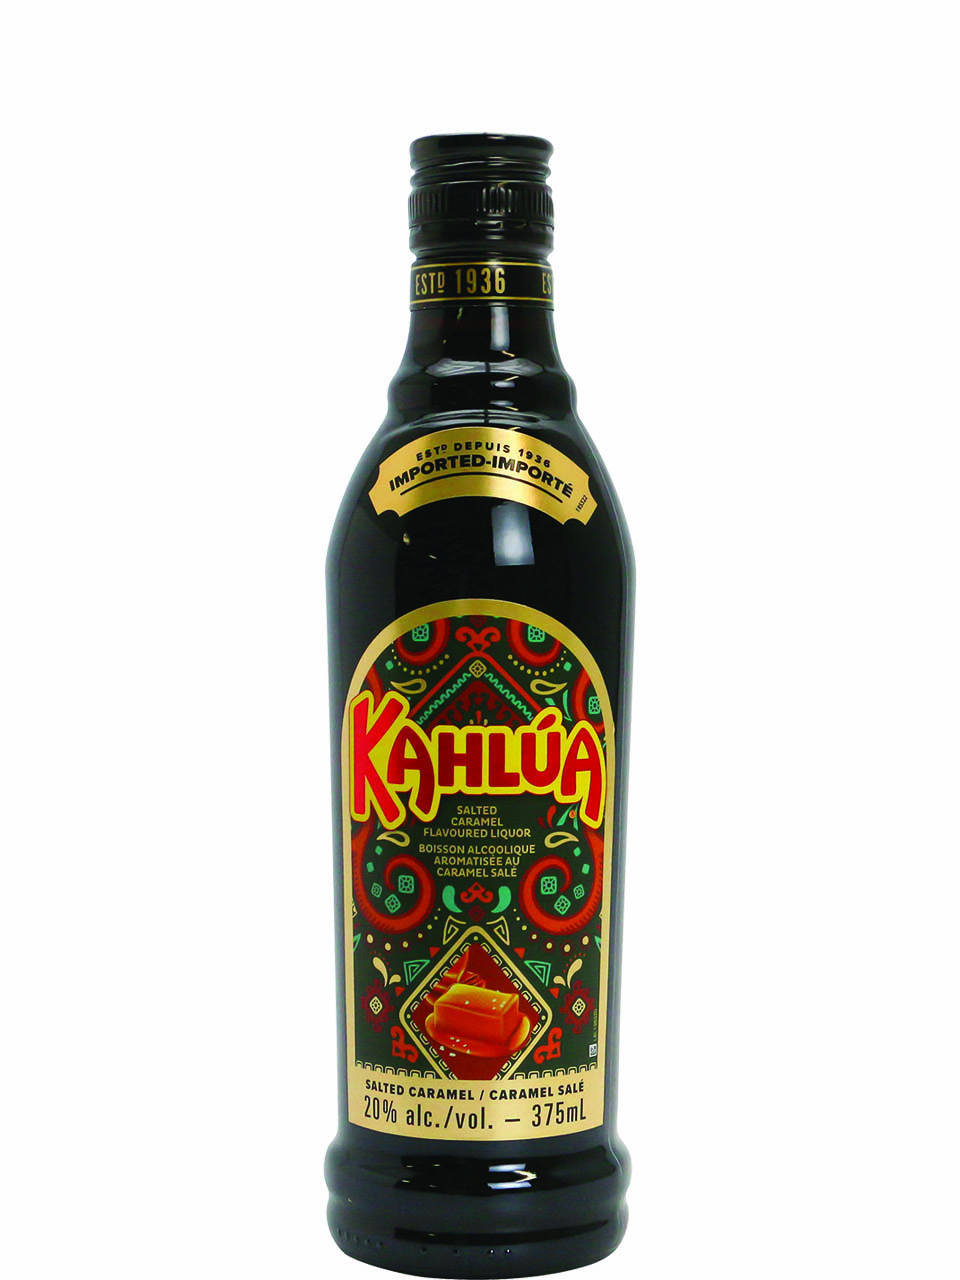 Kahlua Salted Caramel Limited Edition Liqueur